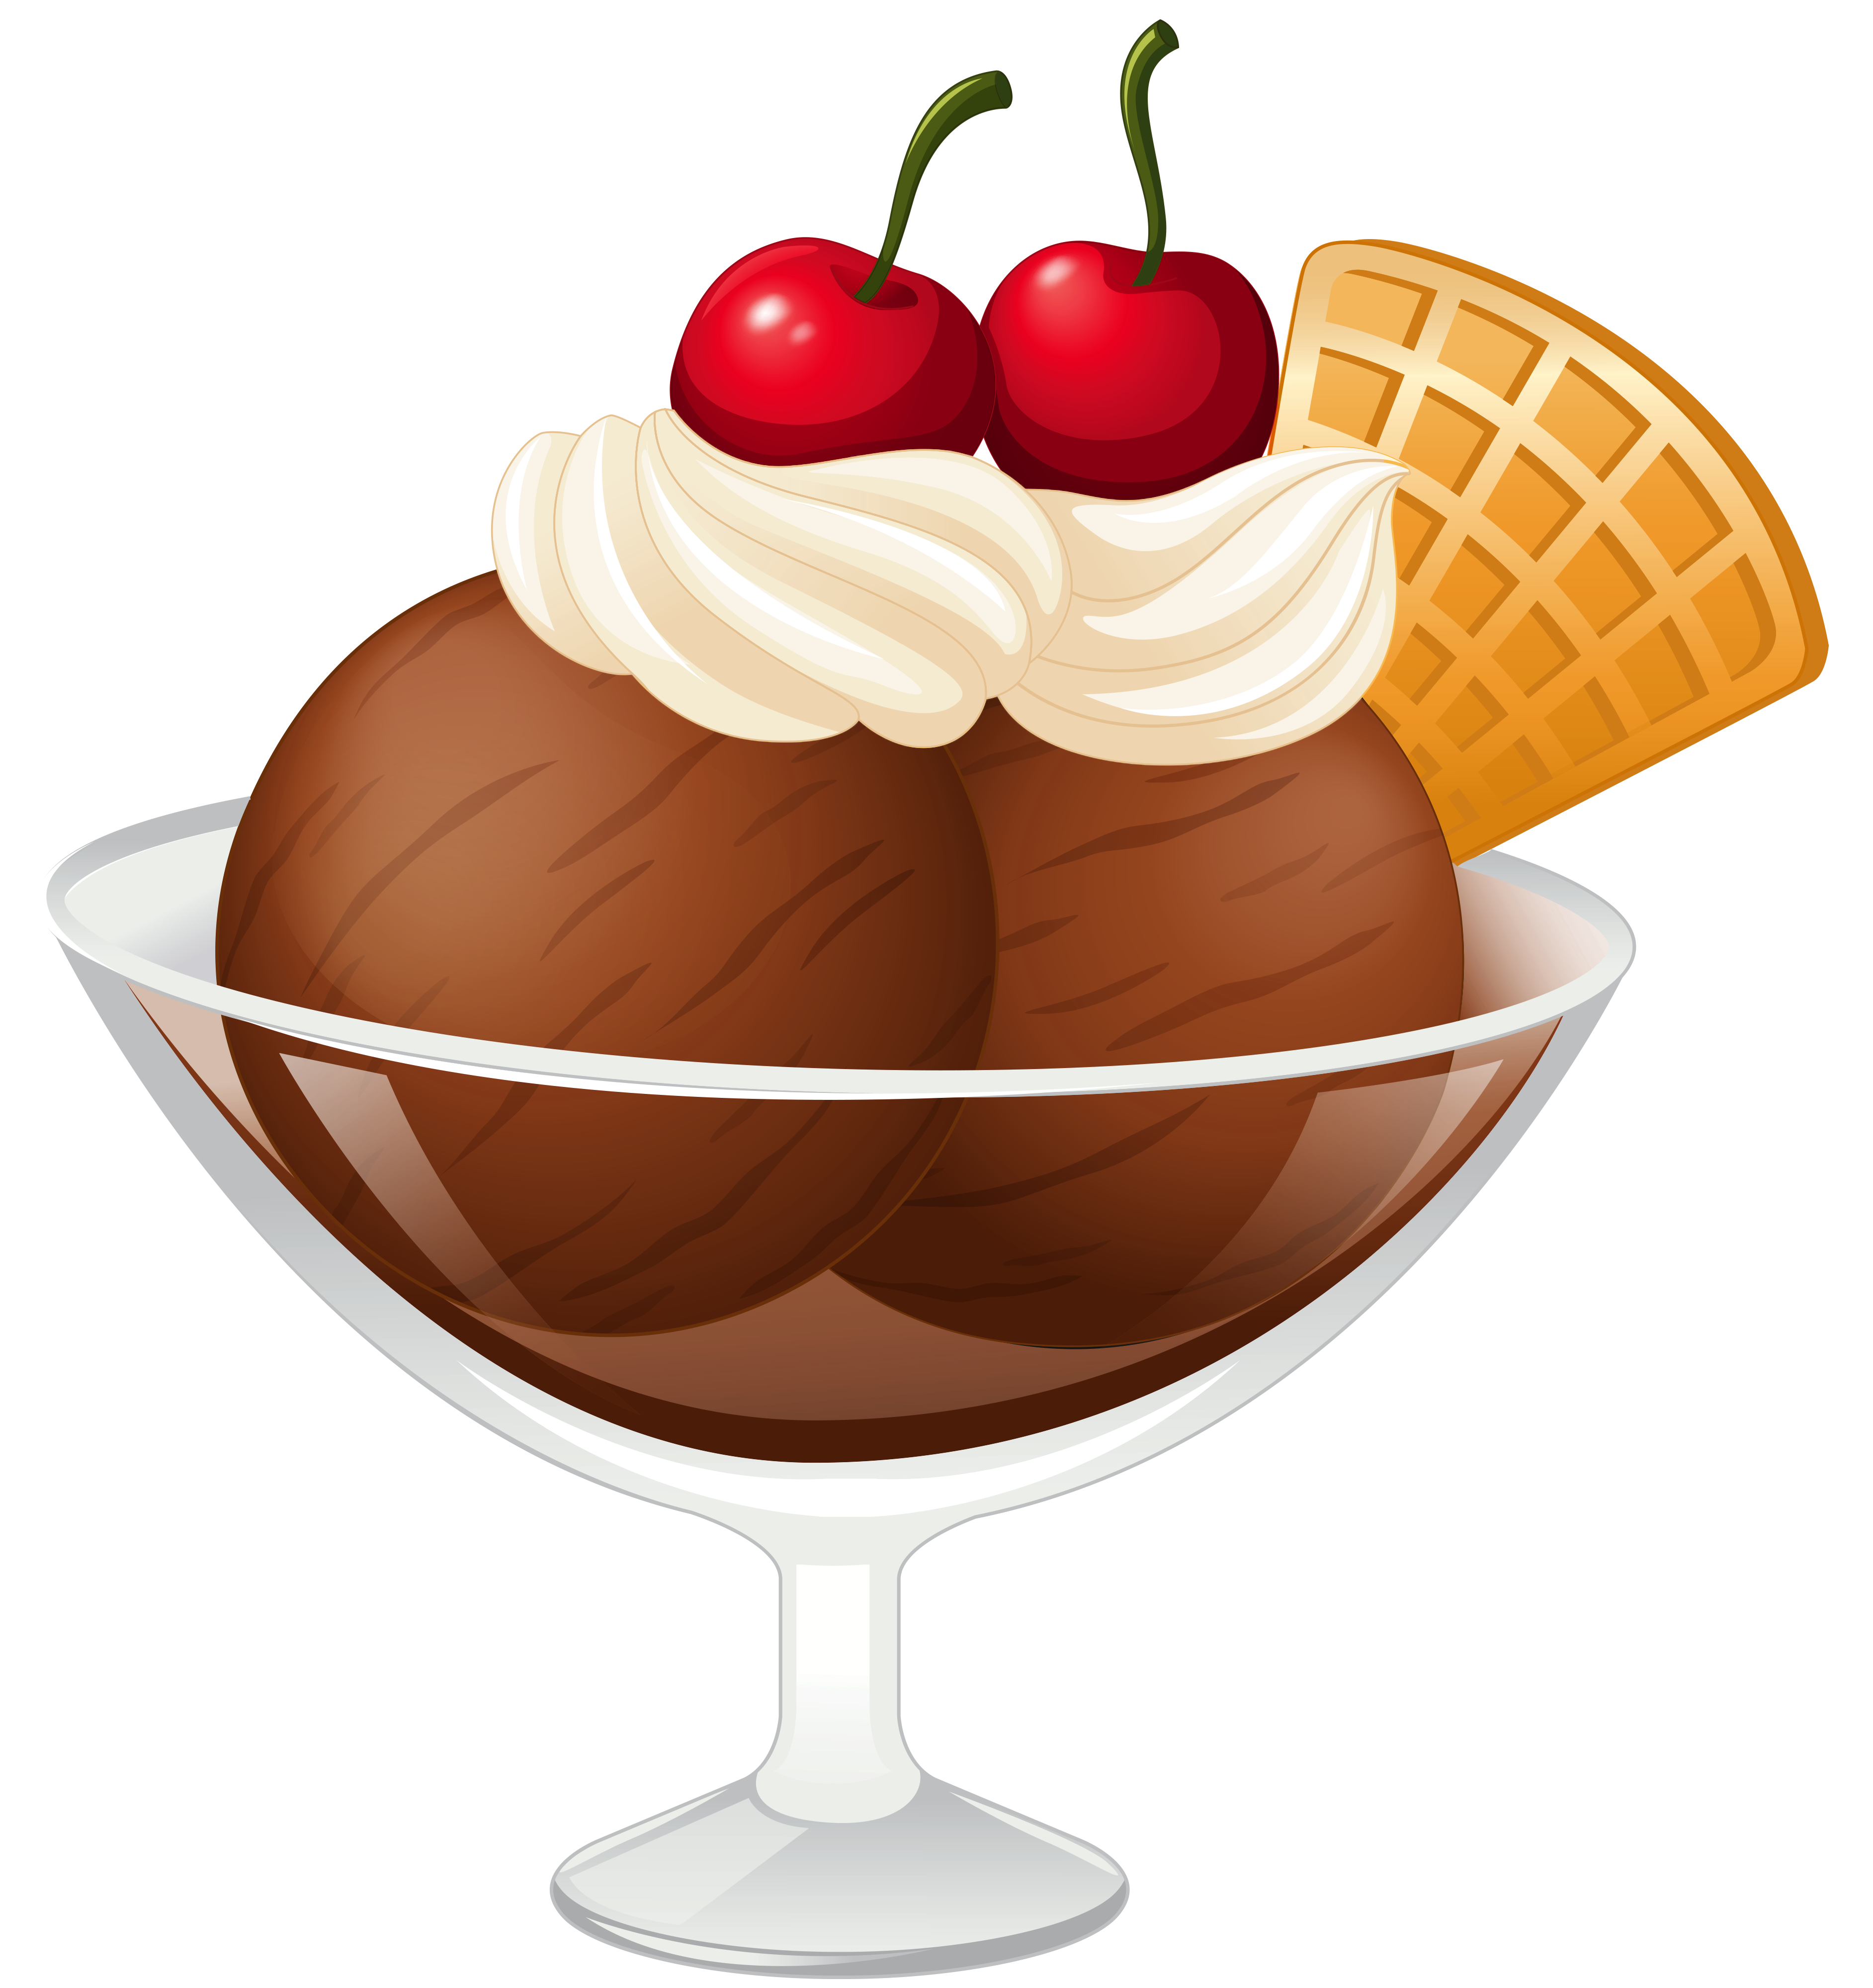 Icecream clipart transparent background. Chocolate ice cream sundae